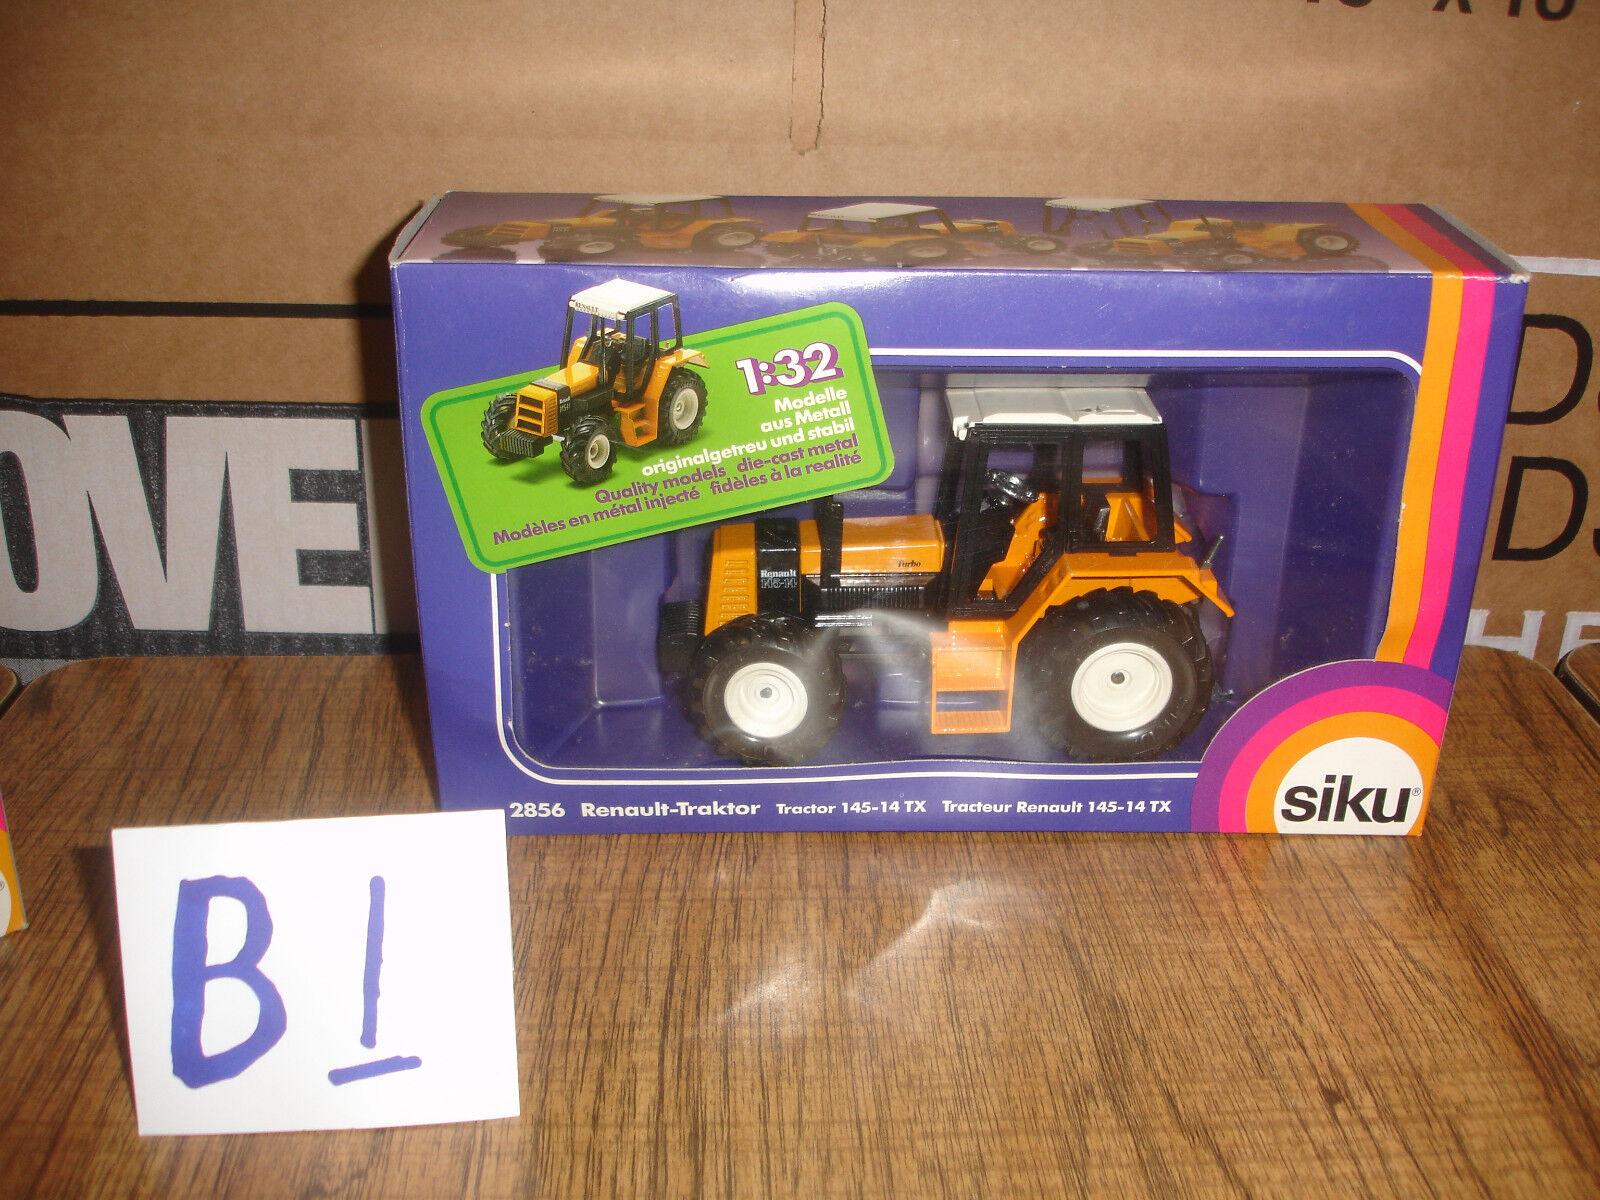 1 32 Siku 2856 Renault Tractor 145-14 TX